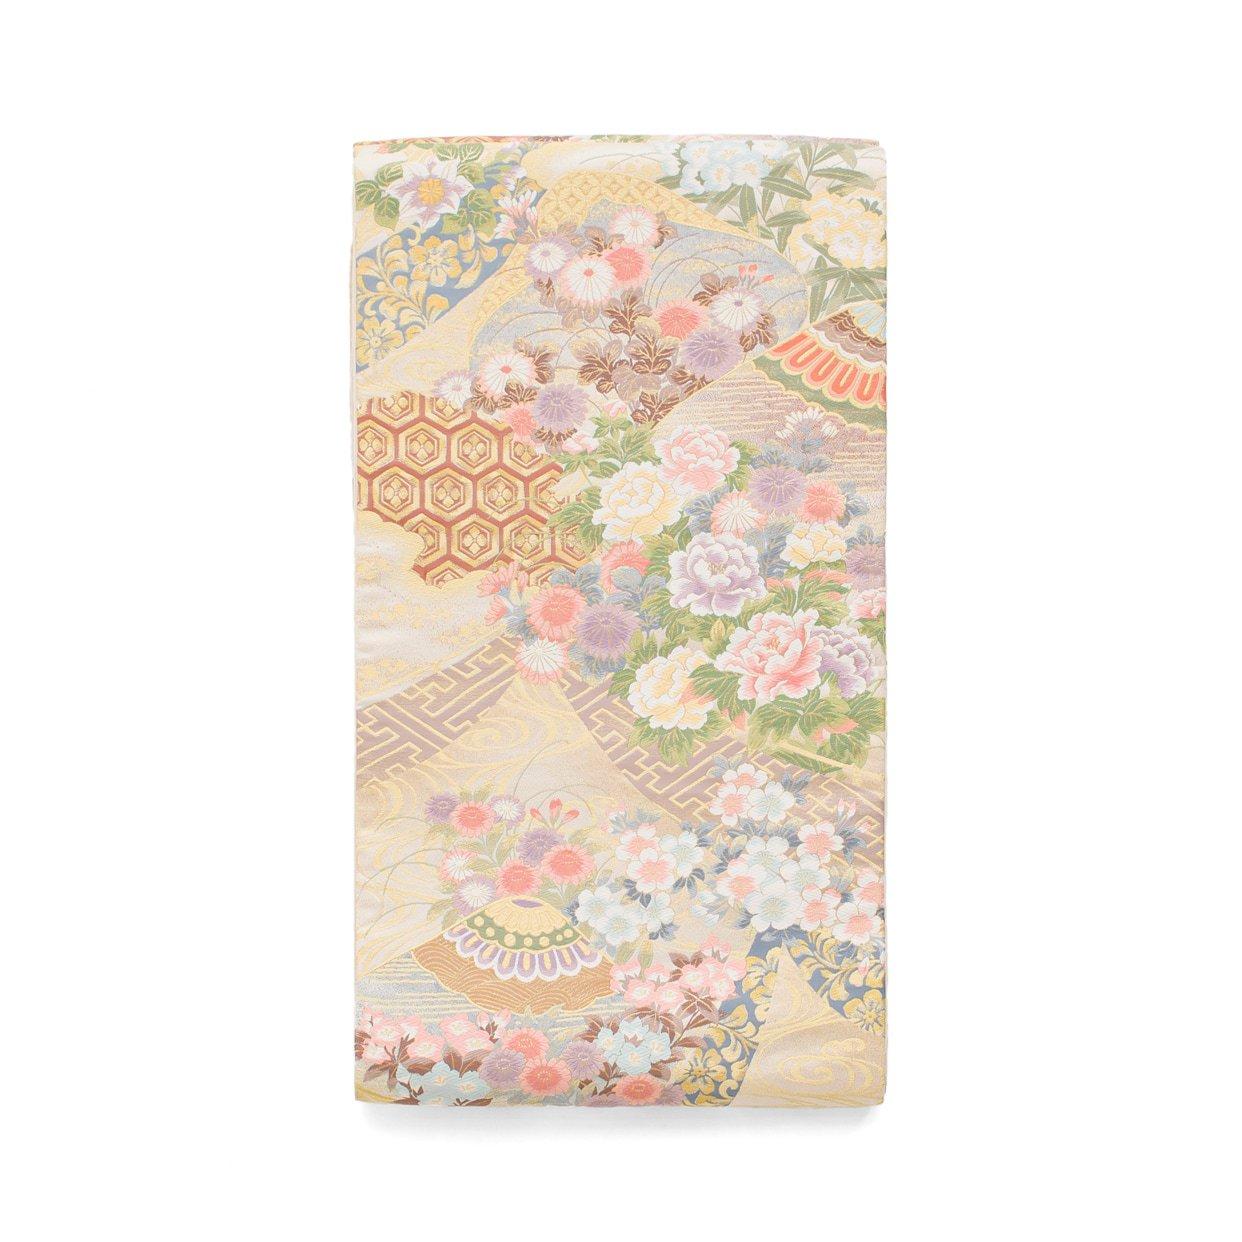 「袋帯●ホワイトゴールド 牡丹や菊など」の商品画像